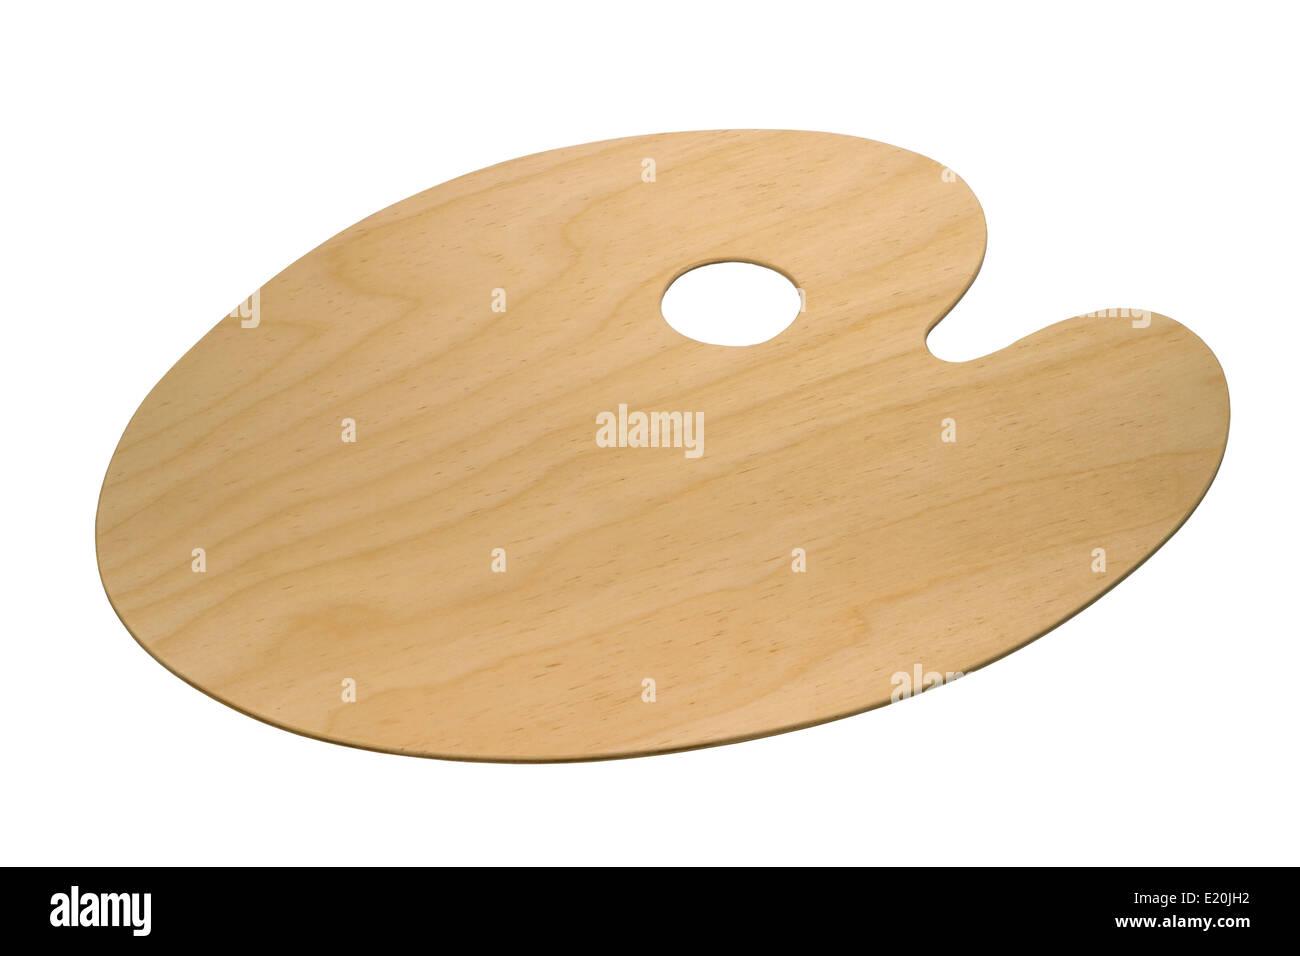 wooden art palette - Stock Image